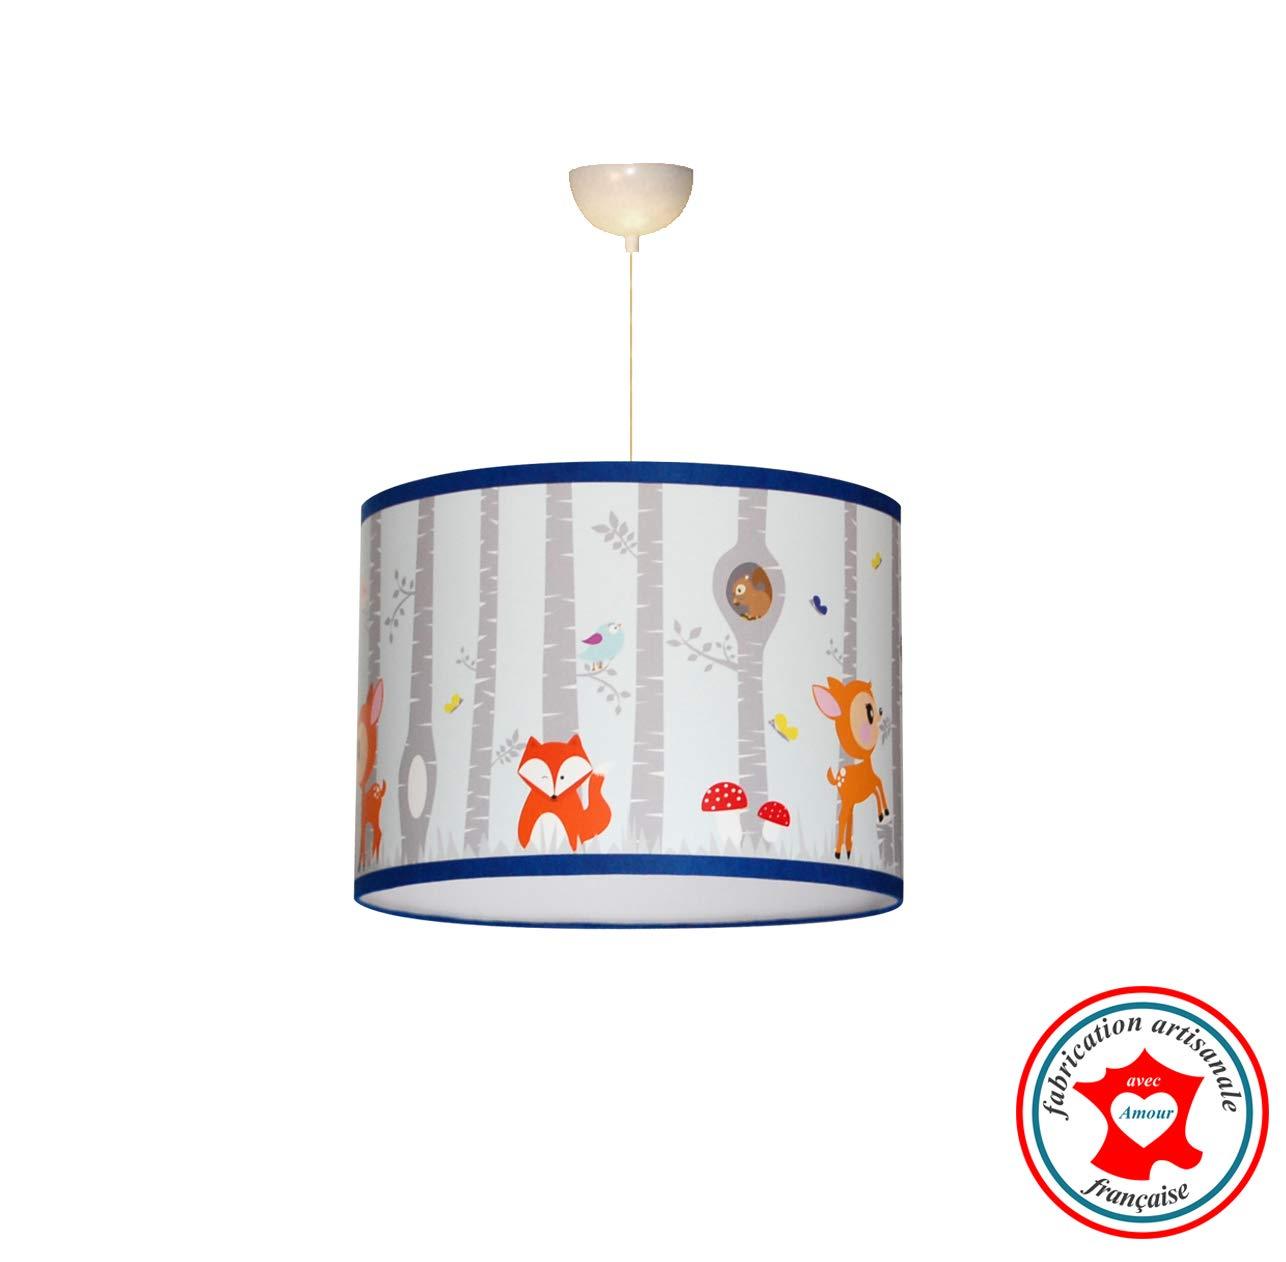 Suspension garçon'Forêt de bouleau et petits animaux', lampe garçon, thème animaux de la forêt, déco chambre garçon, décoration renard